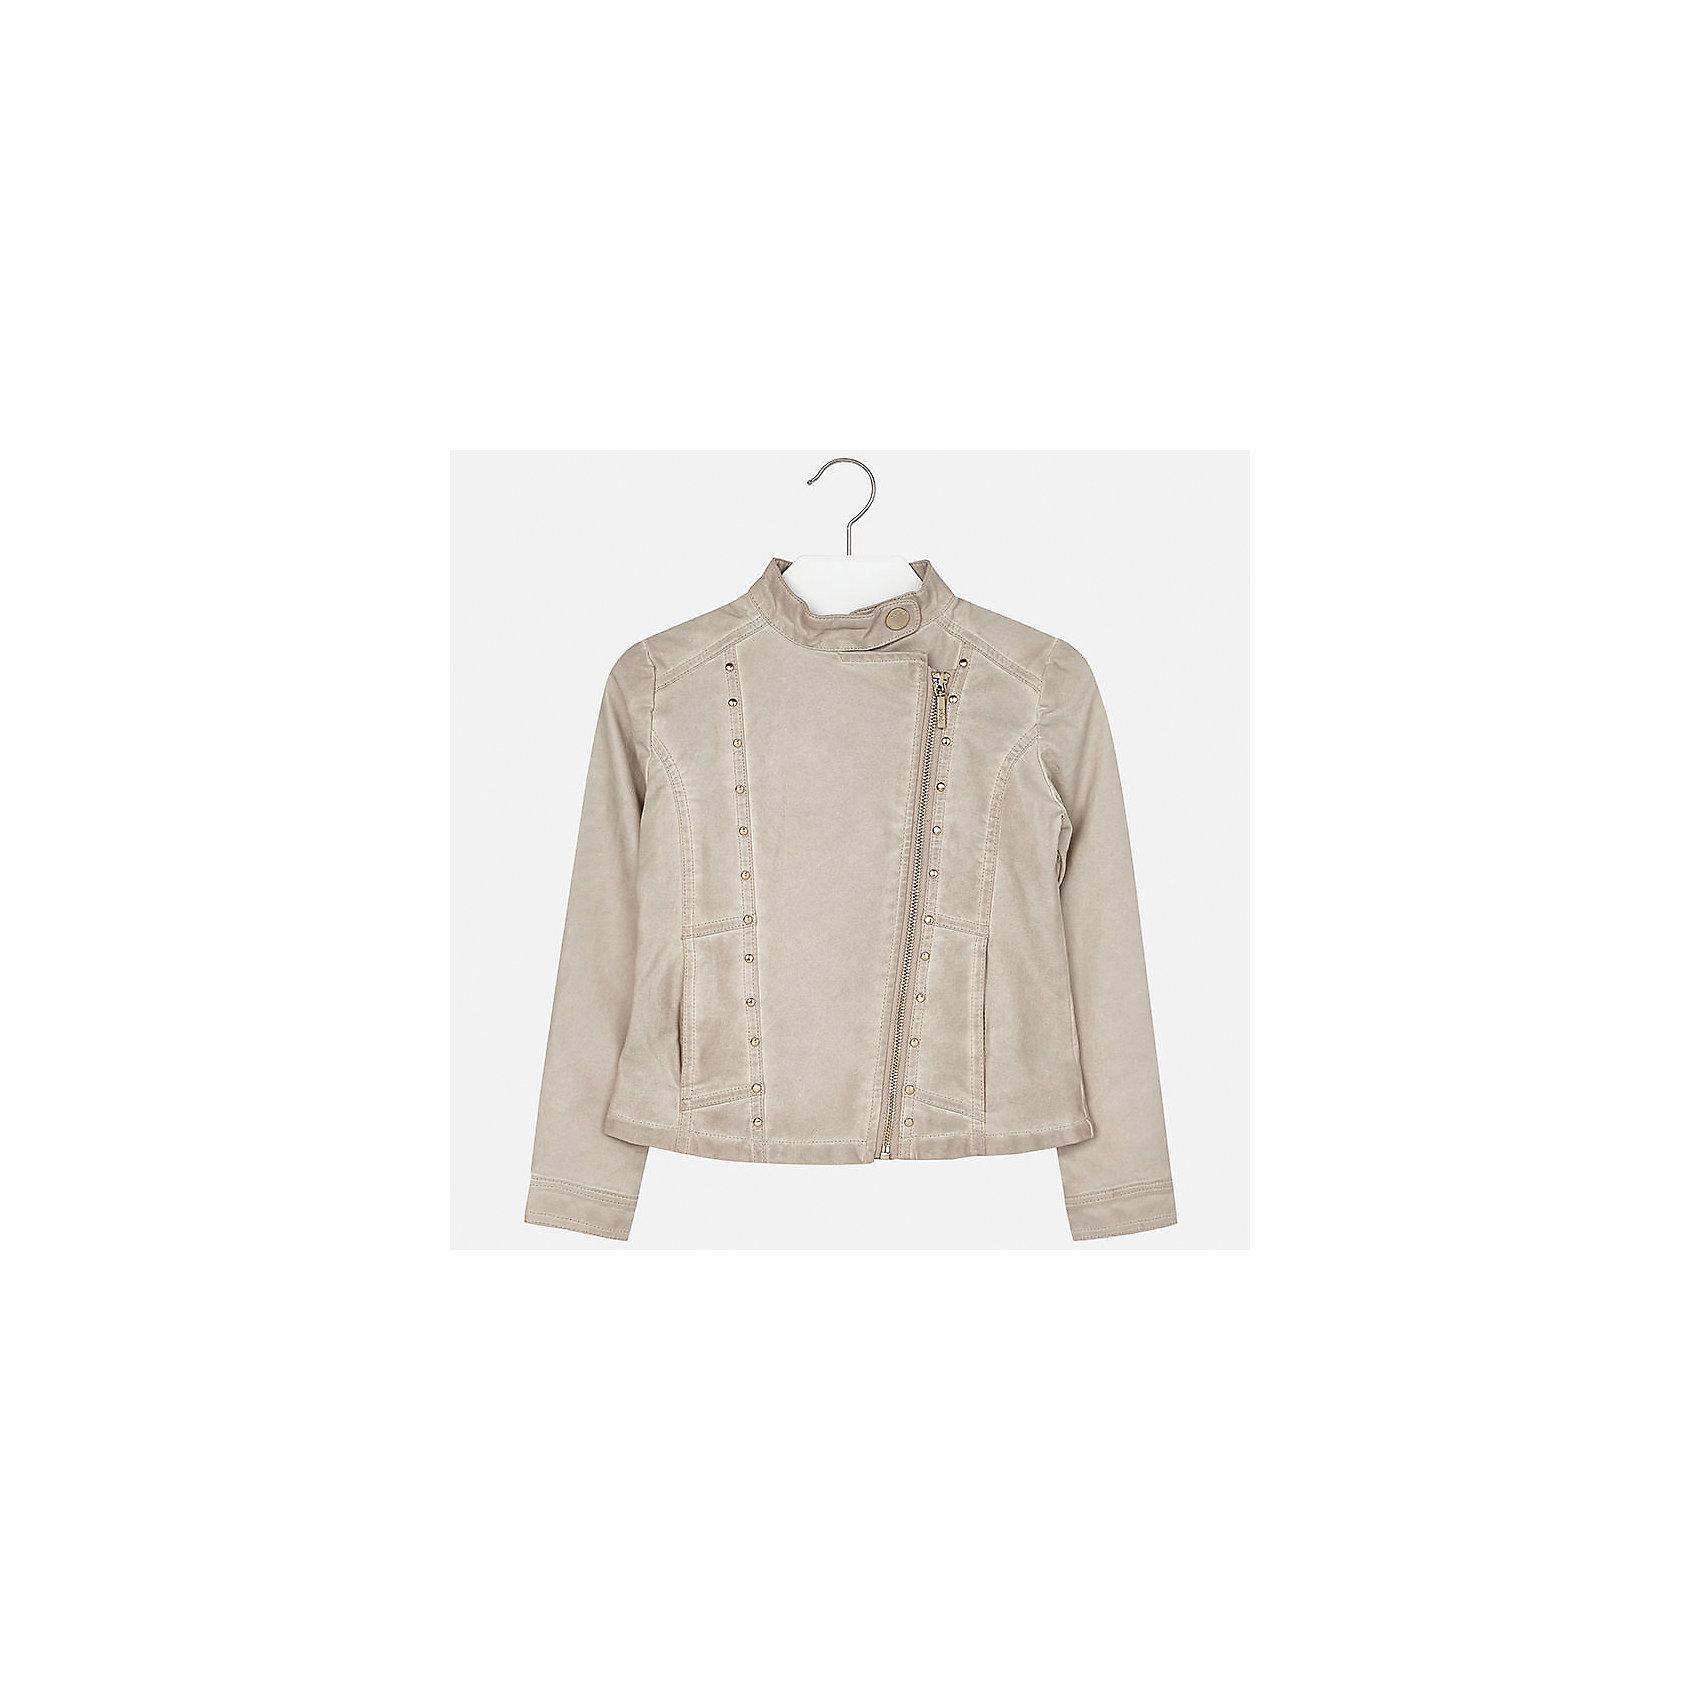 Куртка для девочки MayoralВетровки и жакеты<br>Характеристики товара:<br><br>• цвет: бежевый<br>• состав: 100% полиуретан, подкладка - 100% полиэстер<br>• косая молния<br>• карманы<br>• с длинными рукавами <br>• металлические элементы на планке<br>• страна бренда: Испания<br><br>Очень стильная куртка для девочки поможет разнообразить гардероб ребенка и украсить наряд. Он отлично сочетается и с юбками, и с брюками. Универсальный цвет позволяет подобрать к вещи низ различных расцветок. Интересная отделка модели делает её нарядной и оригинальной.<br><br>Одежда, обувь и аксессуары от испанского бренда Mayoral полюбились детям и взрослым по всему миру. Модели этой марки - стильные и удобные. Для их производства используются только безопасные, качественные материалы и фурнитура. Порадуйте ребенка модными и красивыми вещами от Mayoral! <br><br>Куртку для девочки от испанского бренда Mayoral (Майорал) можно купить в нашем интернет-магазине.<br><br>Ширина мм: 356<br>Глубина мм: 10<br>Высота мм: 245<br>Вес г: 519<br>Цвет: бежевый<br>Возраст от месяцев: 168<br>Возраст до месяцев: 180<br>Пол: Женский<br>Возраст: Детский<br>Размер: 170,128/134,140,152,158,164<br>SKU: 5292849